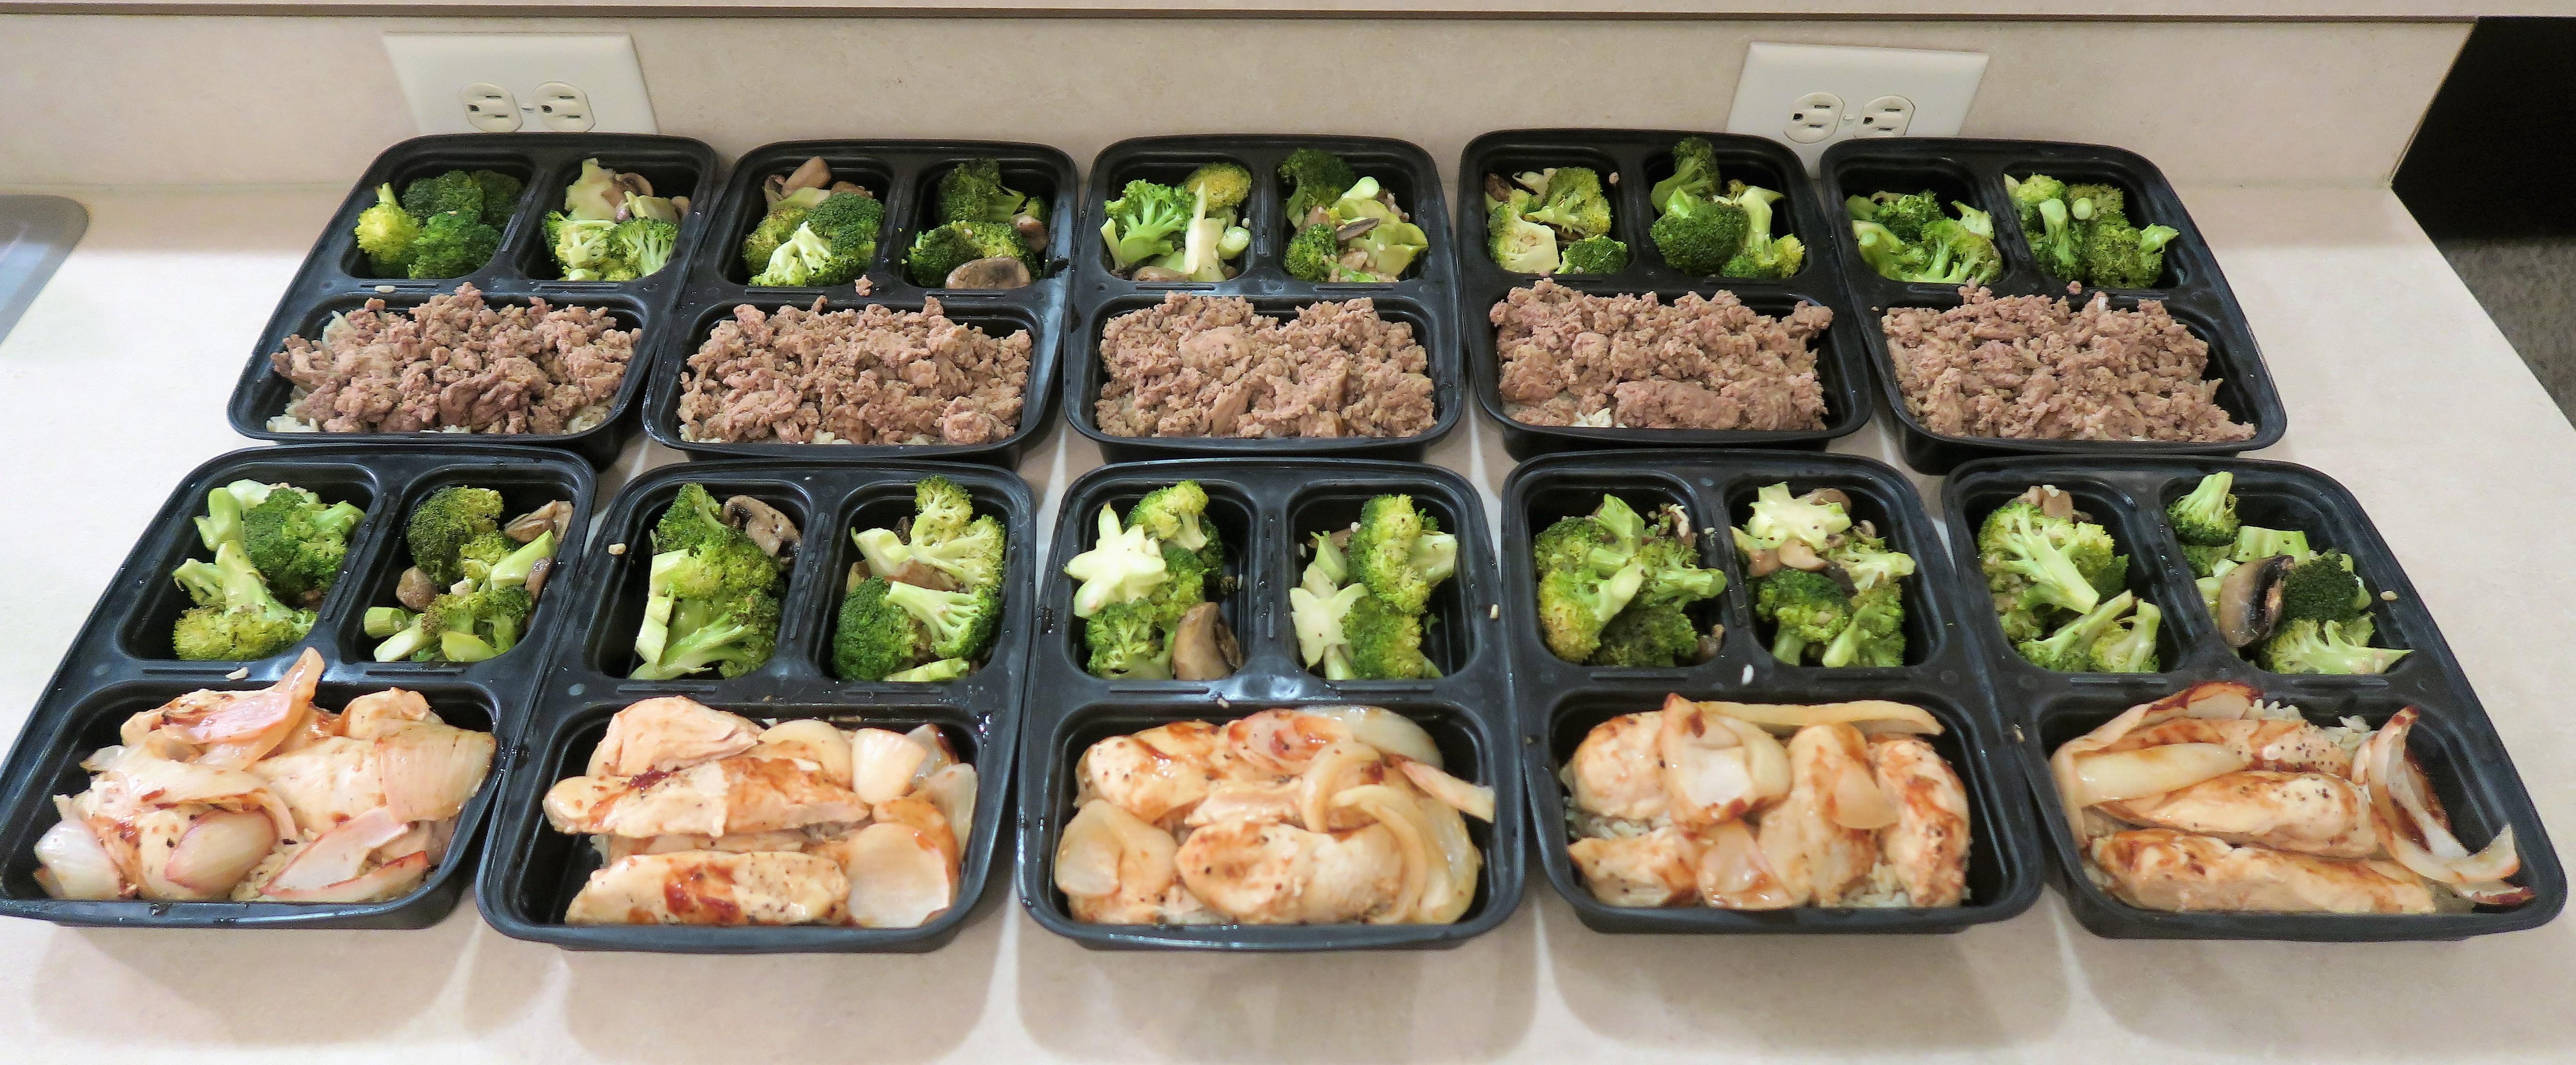 My Weekly Meal Prep 21